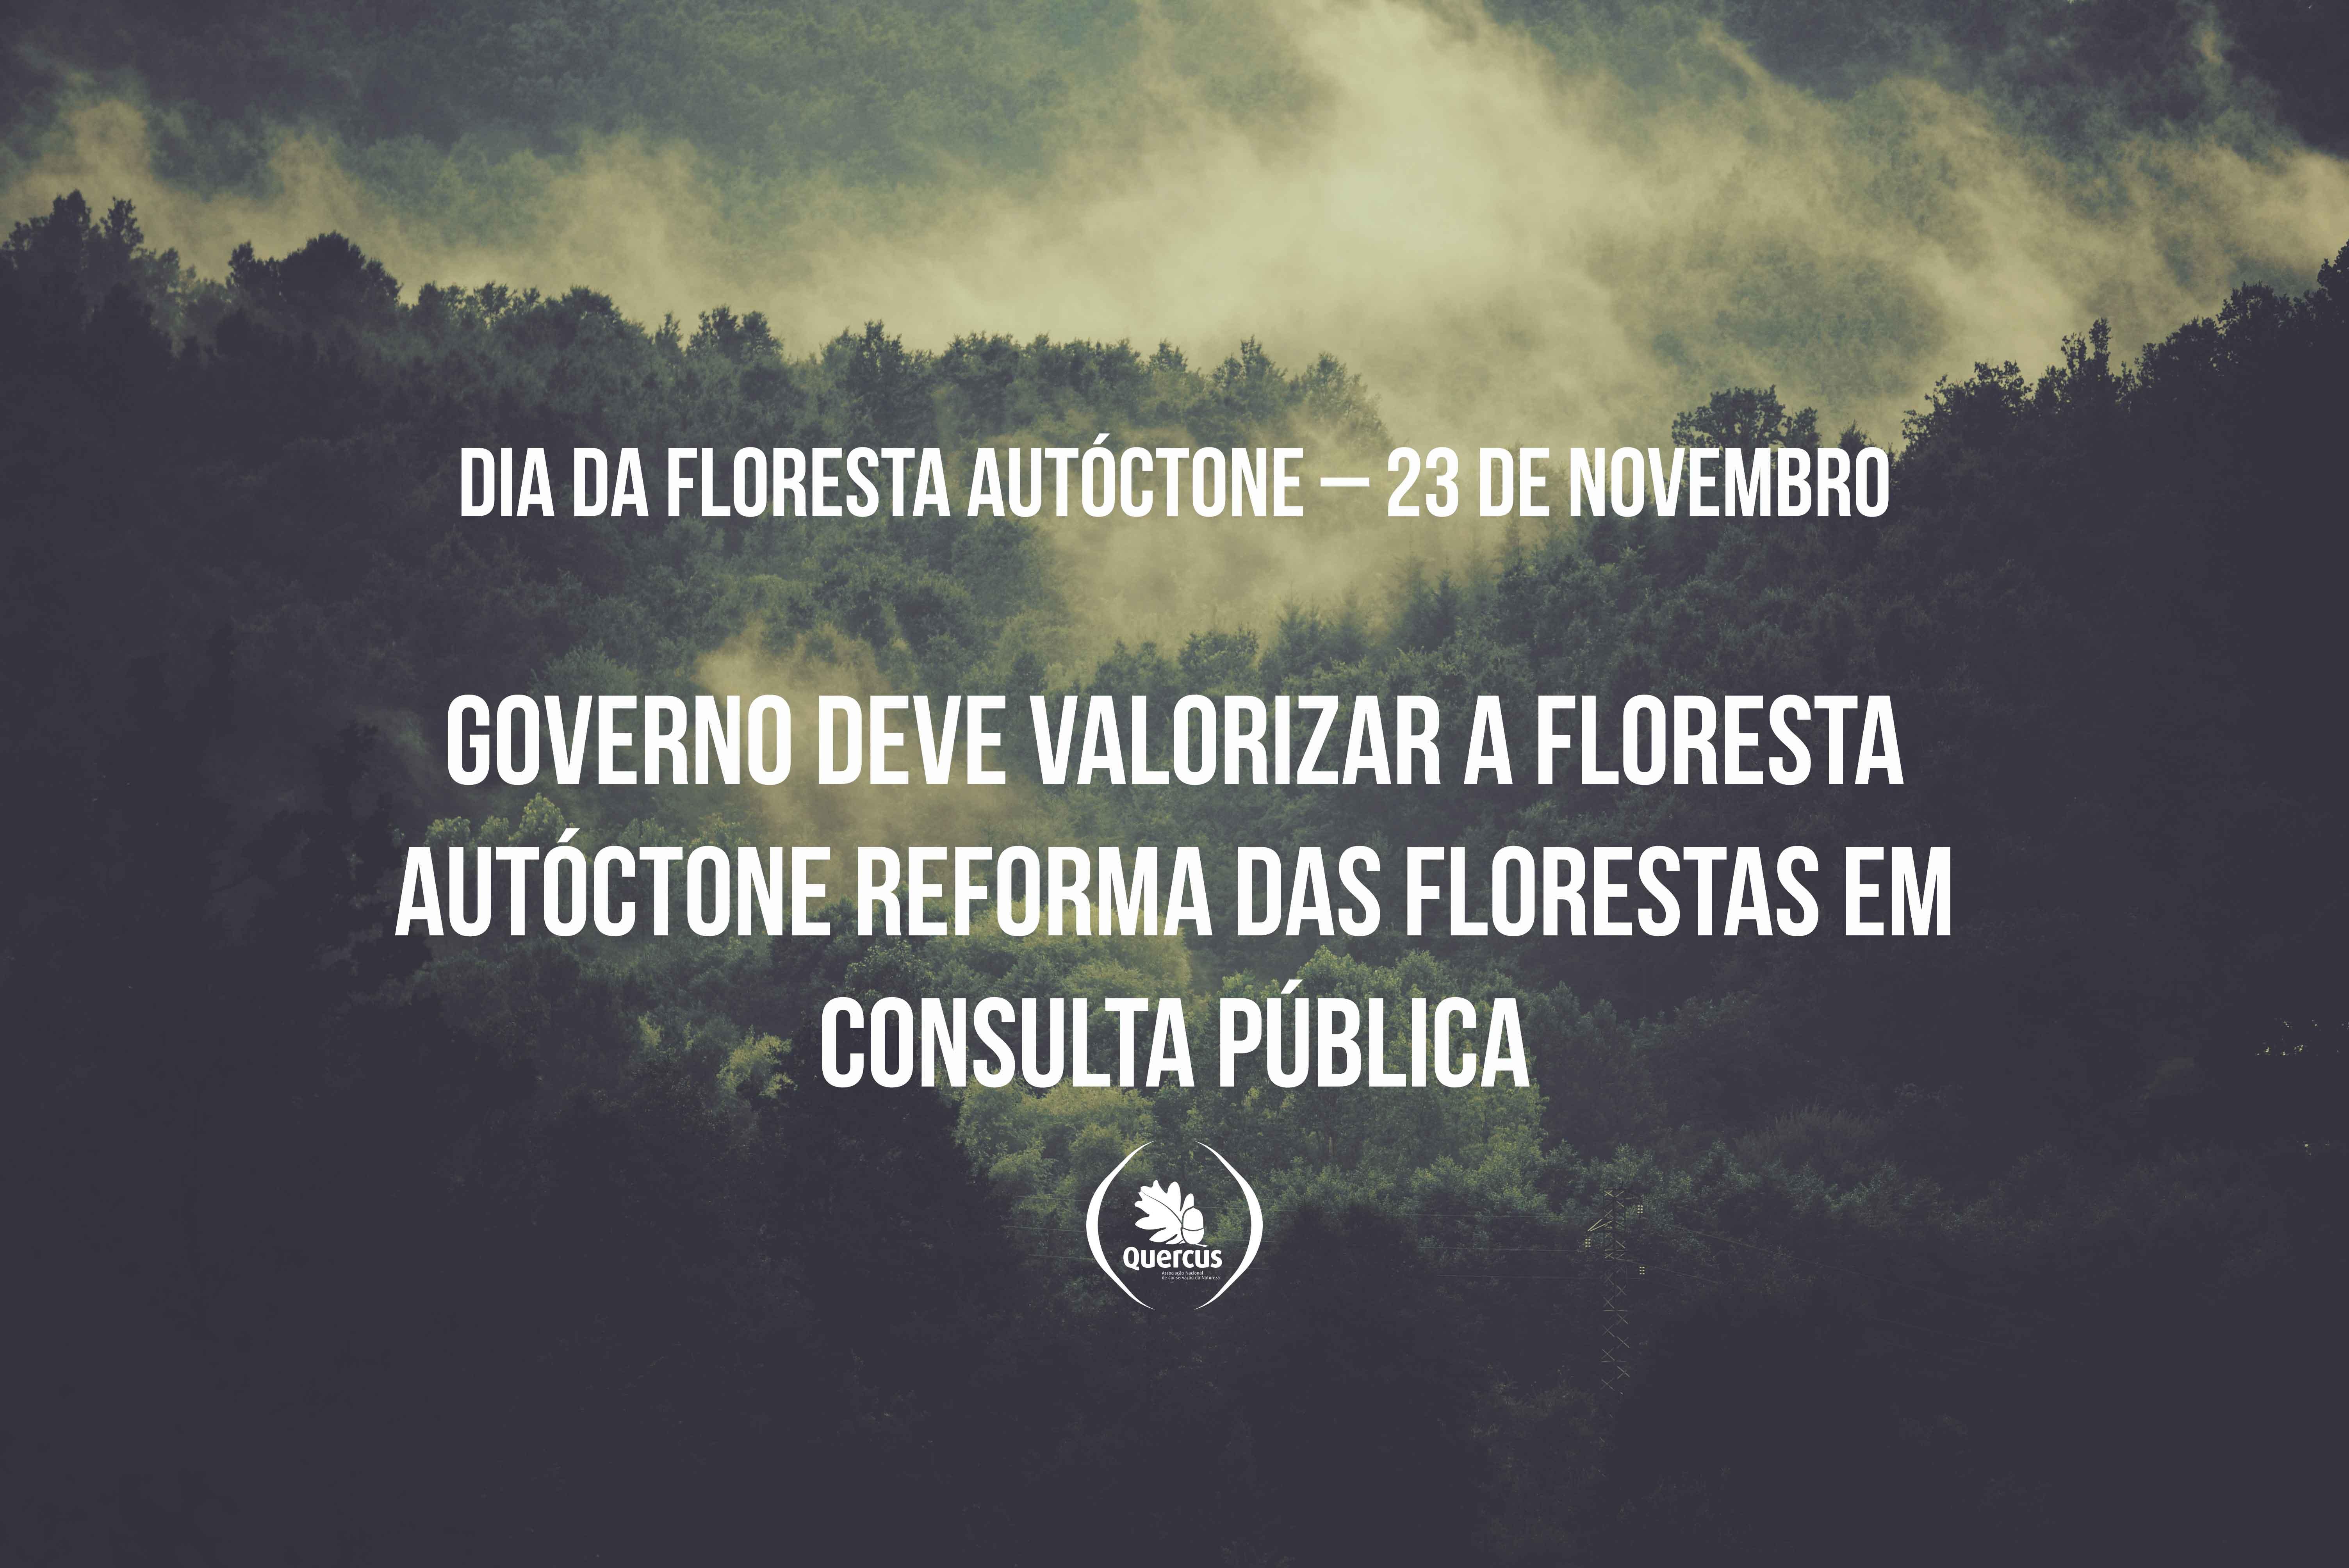 Dia da Floresta Autoctone 23 de Novembro Governo deve valorizar a Floresta Autoctone Reforma das Florestas em consulta publica